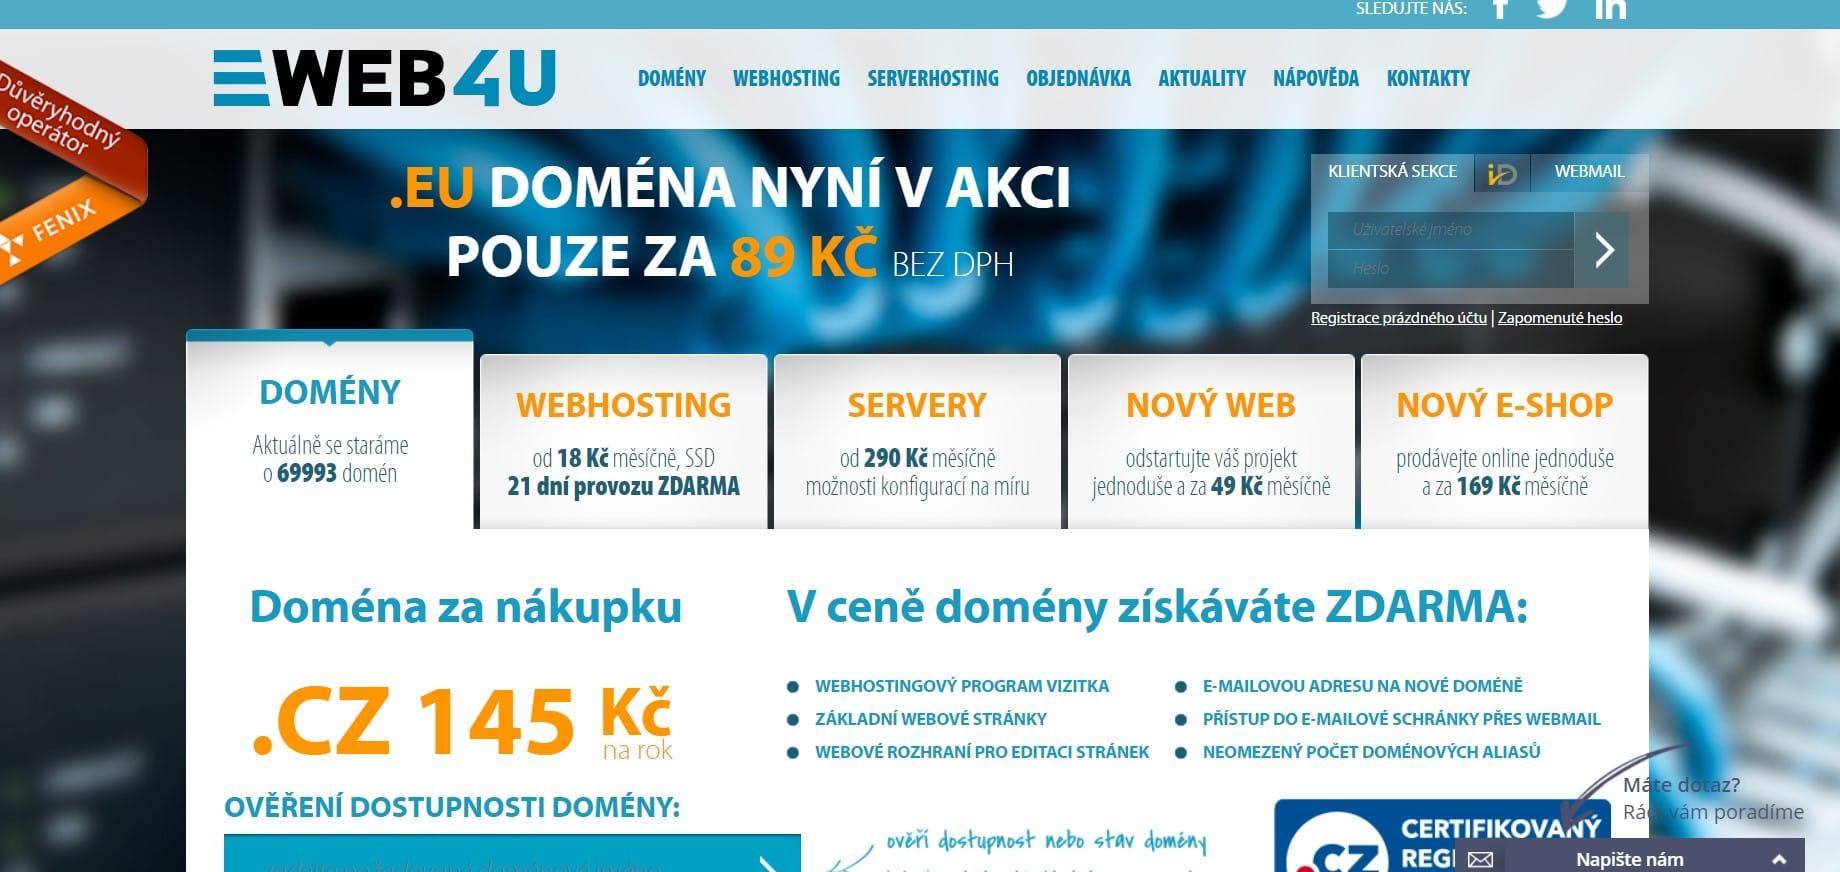 Hlavní strana webu web4u.cz